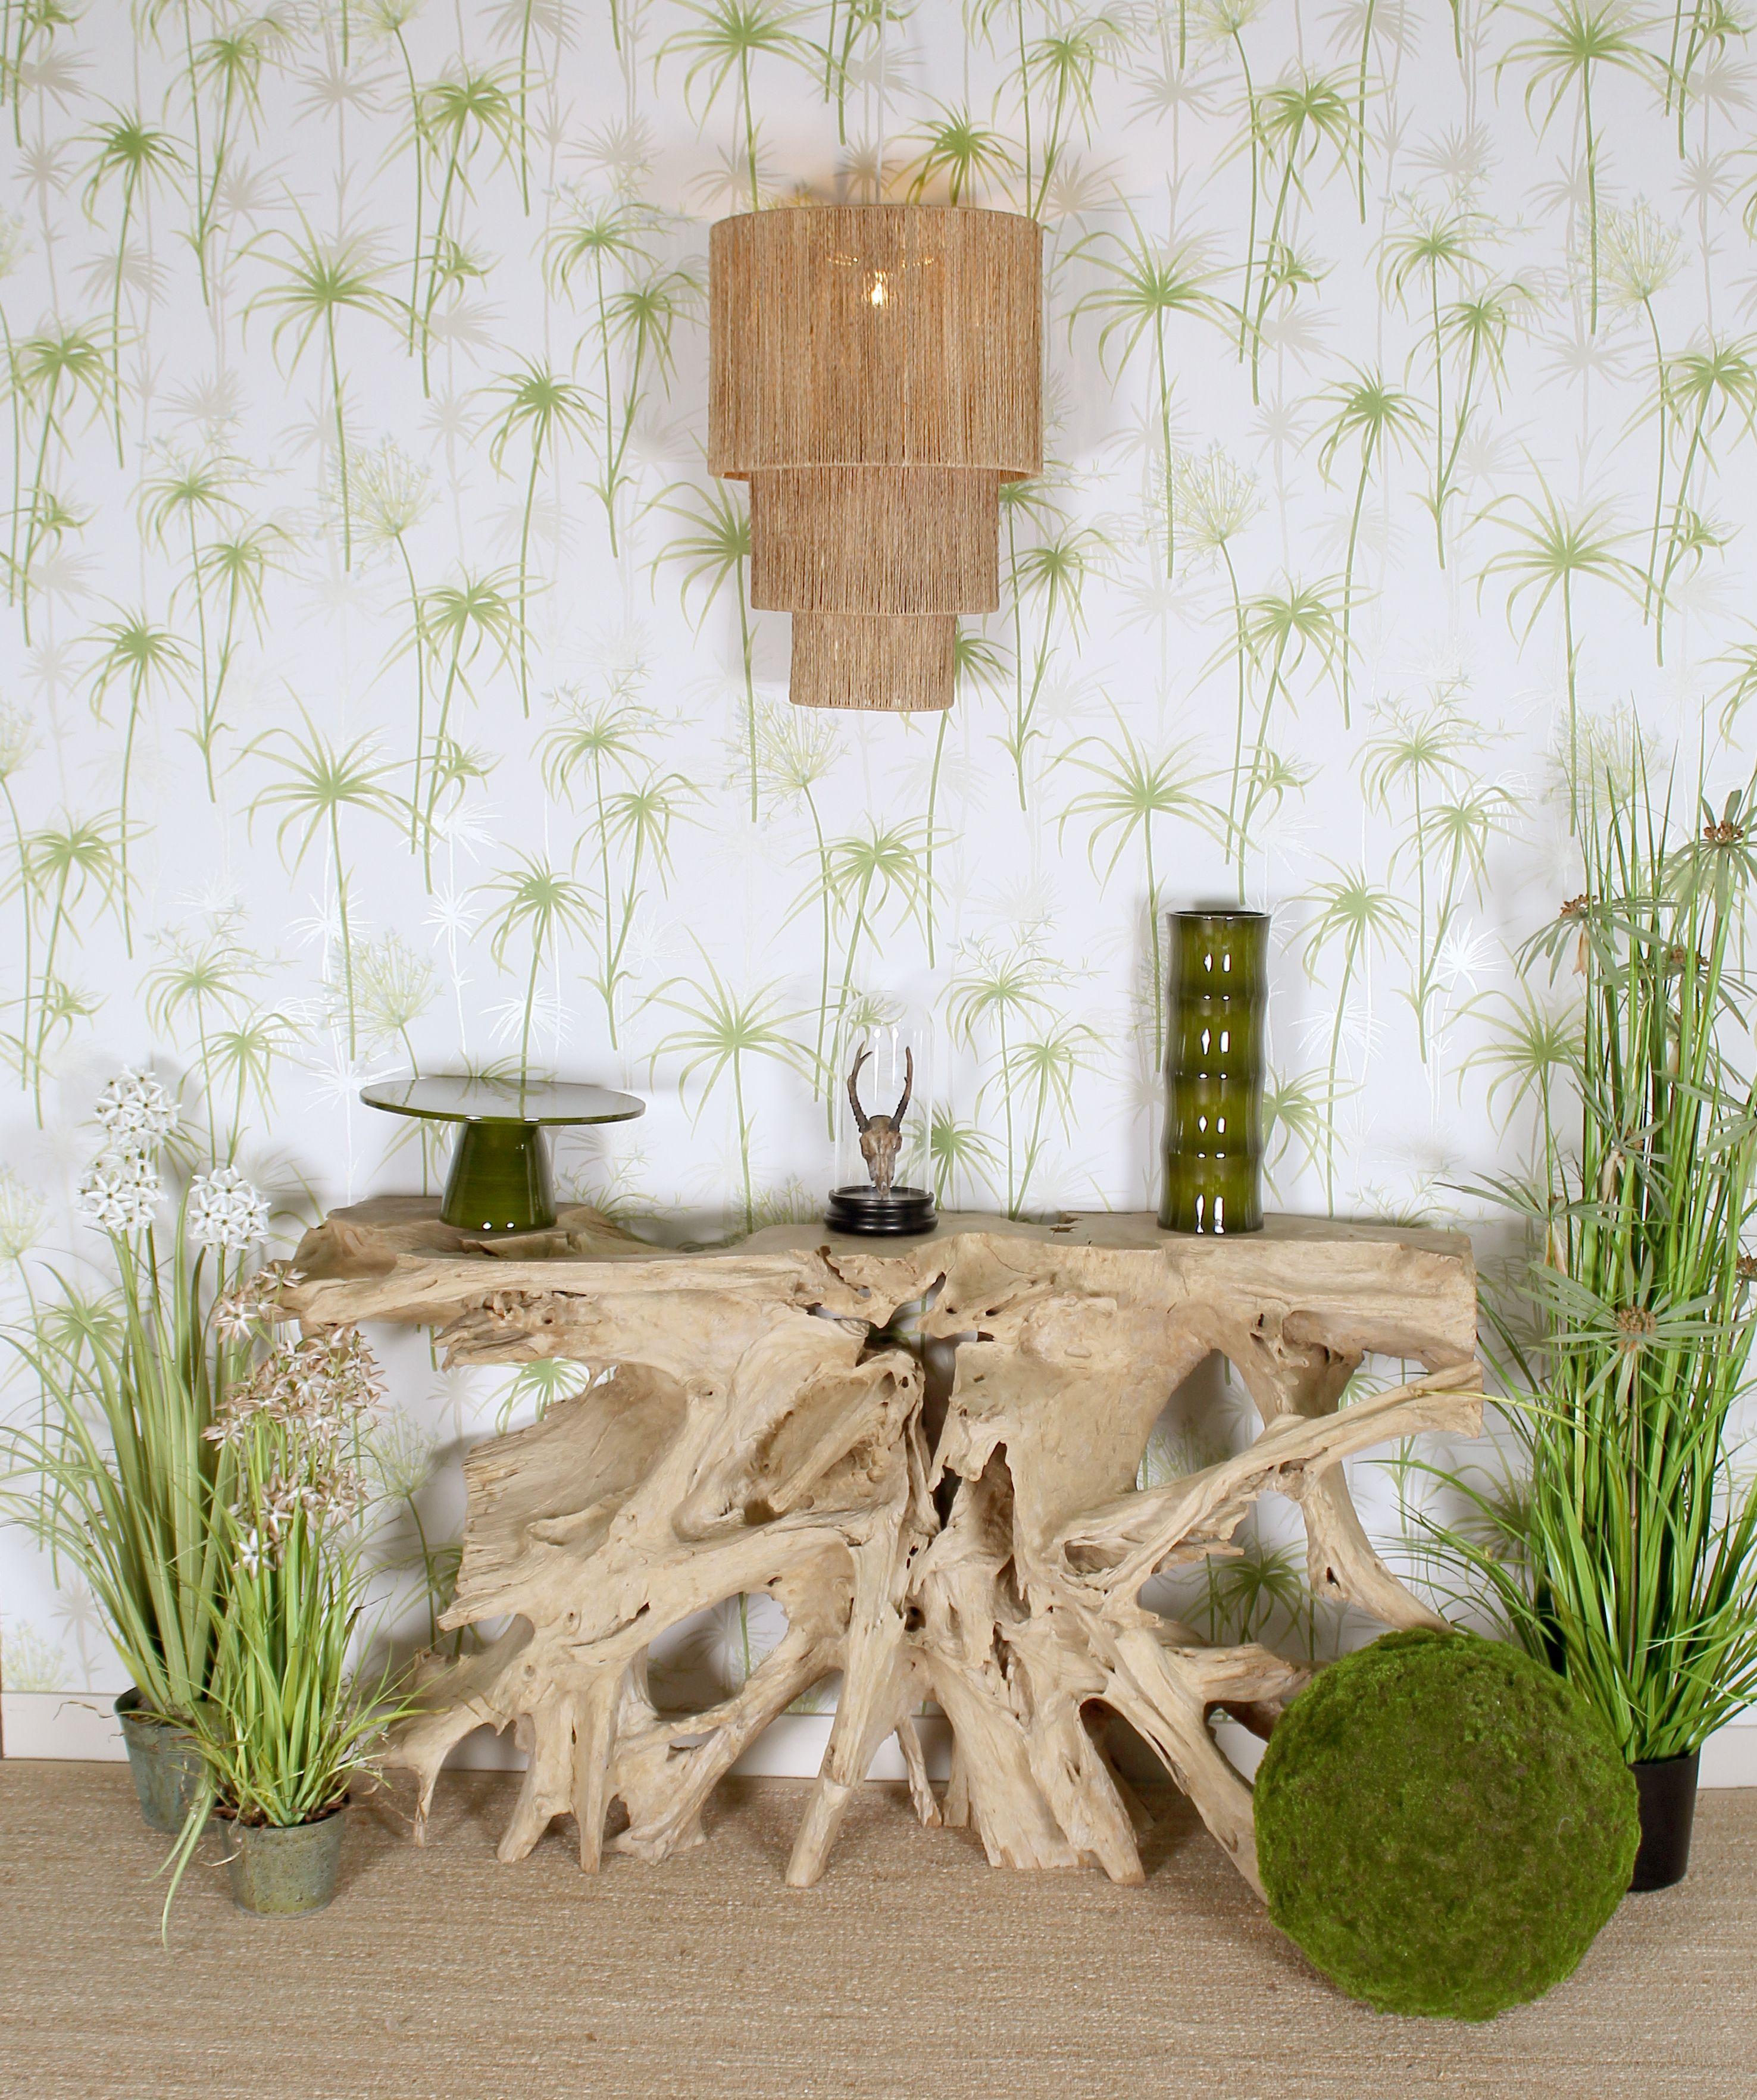 La Tendance Tropicale Souffle Comme Un Vent De Fraicheur Dans La Maison On Aime Son Exotisme Son Esprit Vacances Son Style Elegan Decoration Maison Tropical